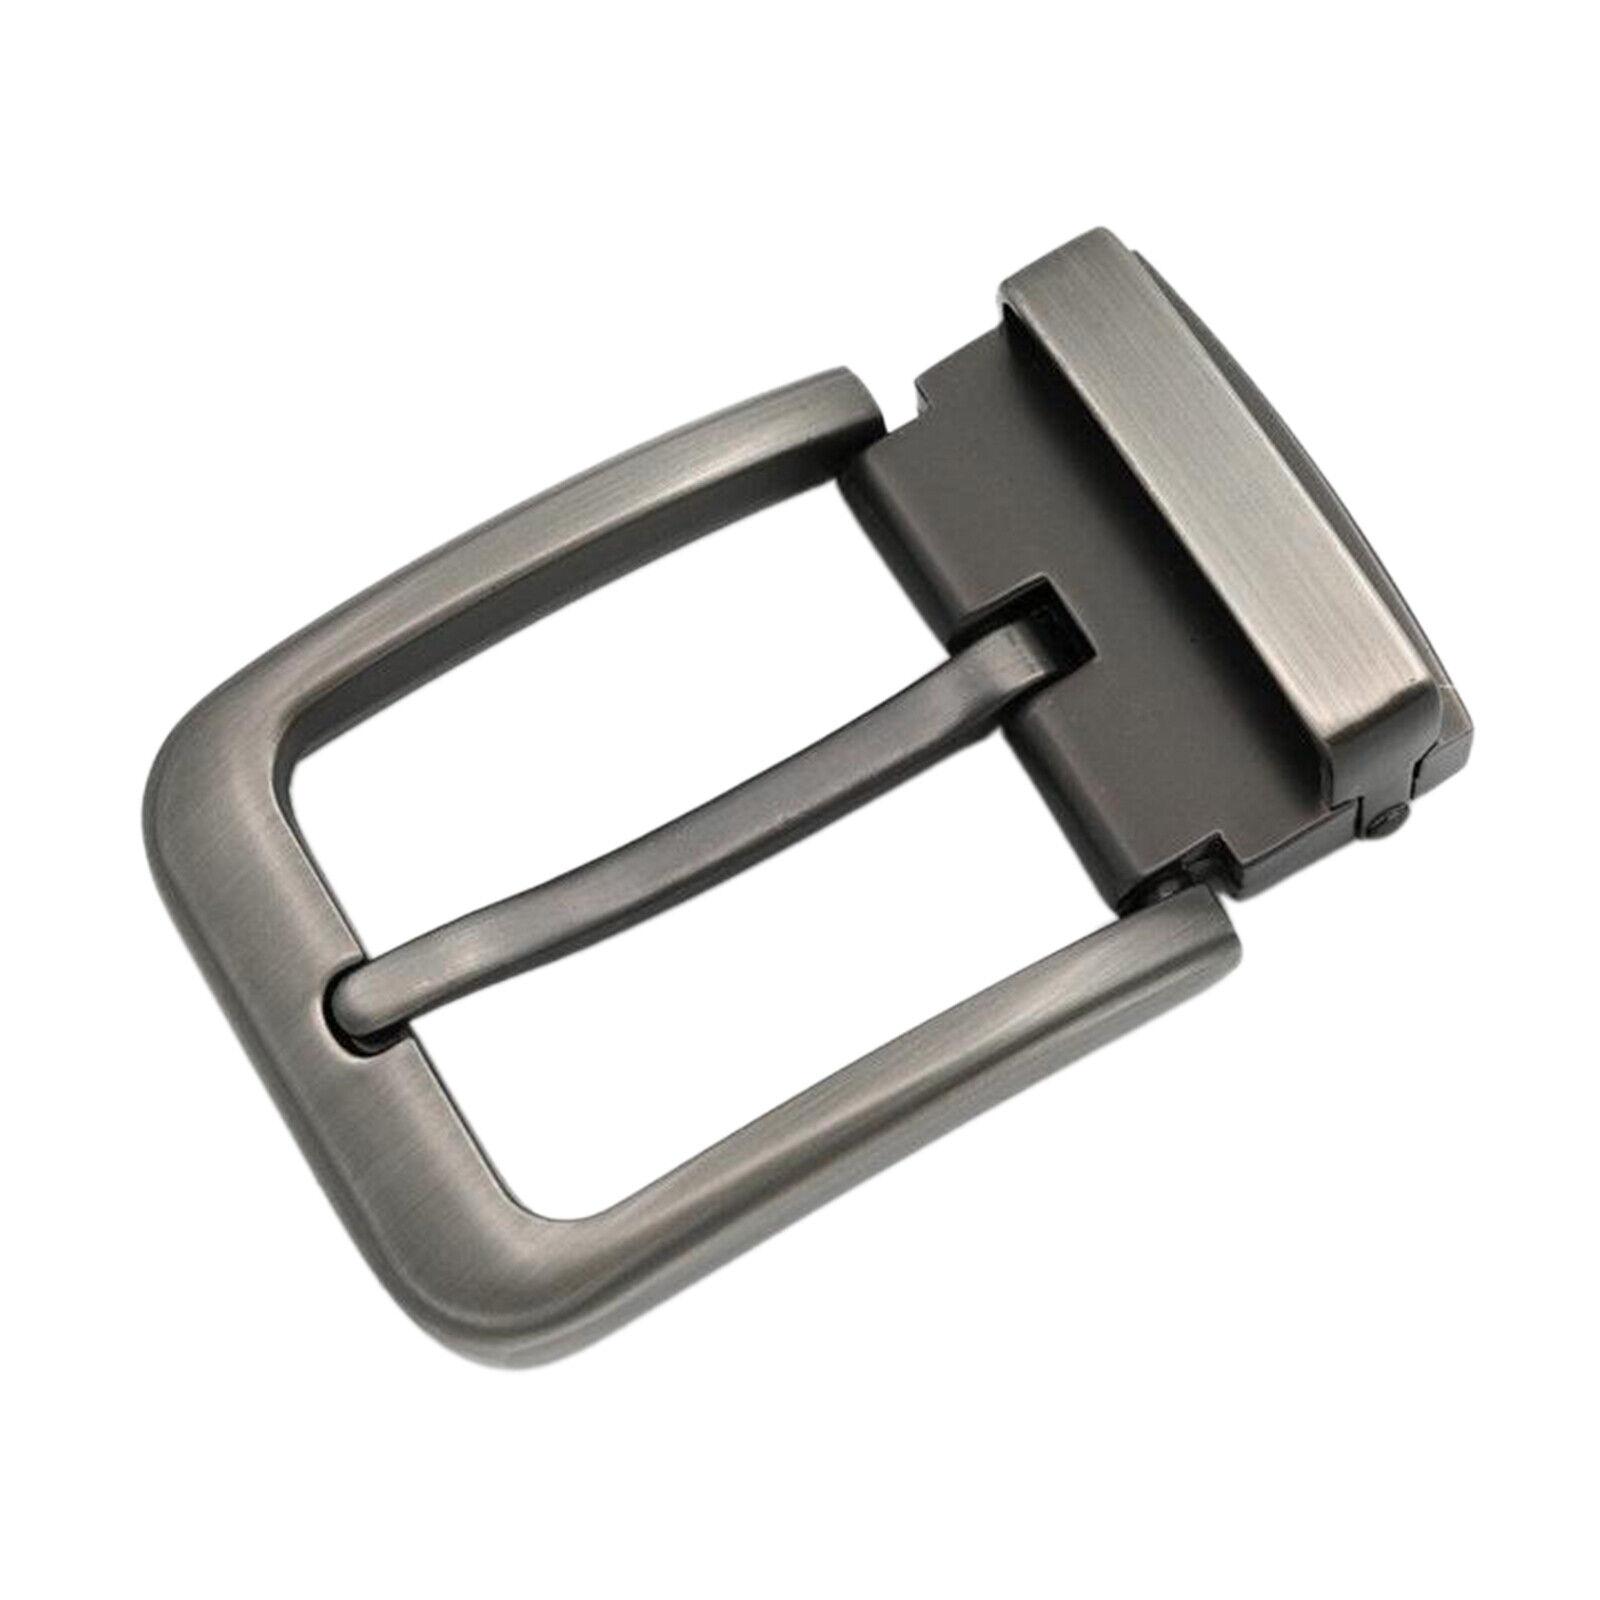 1,3 Zoll (33 34 mm) Gürtelschnalle Ein Zinke Rechteckige Ersatz Dornschließe